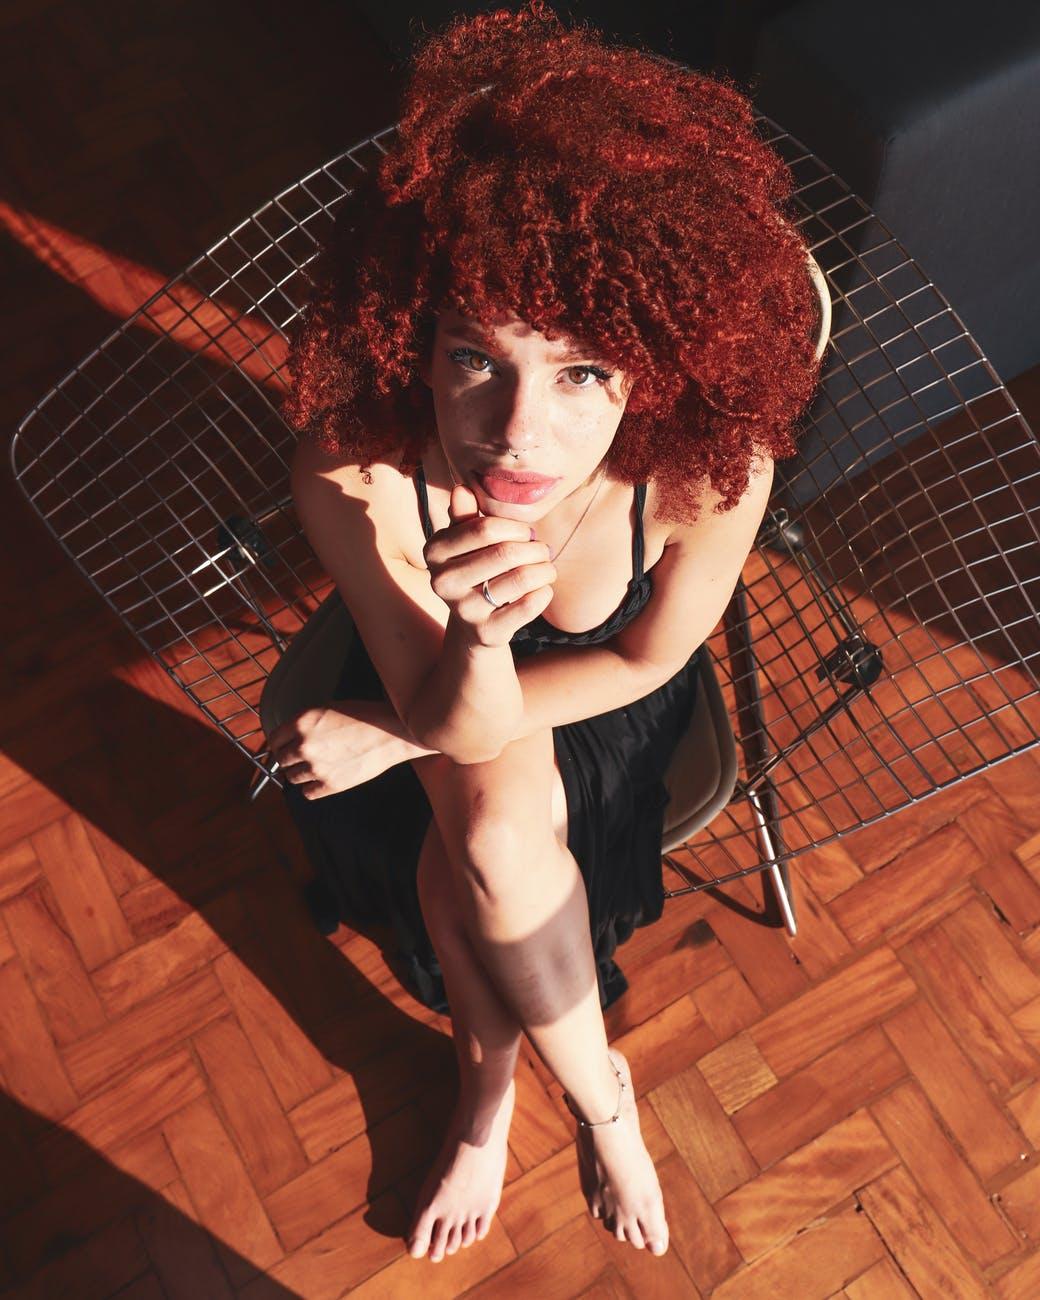 cabelo cacheado ruivo 19 - Quais os segredos para um cabelo cacheado ruivo sem defeitos?